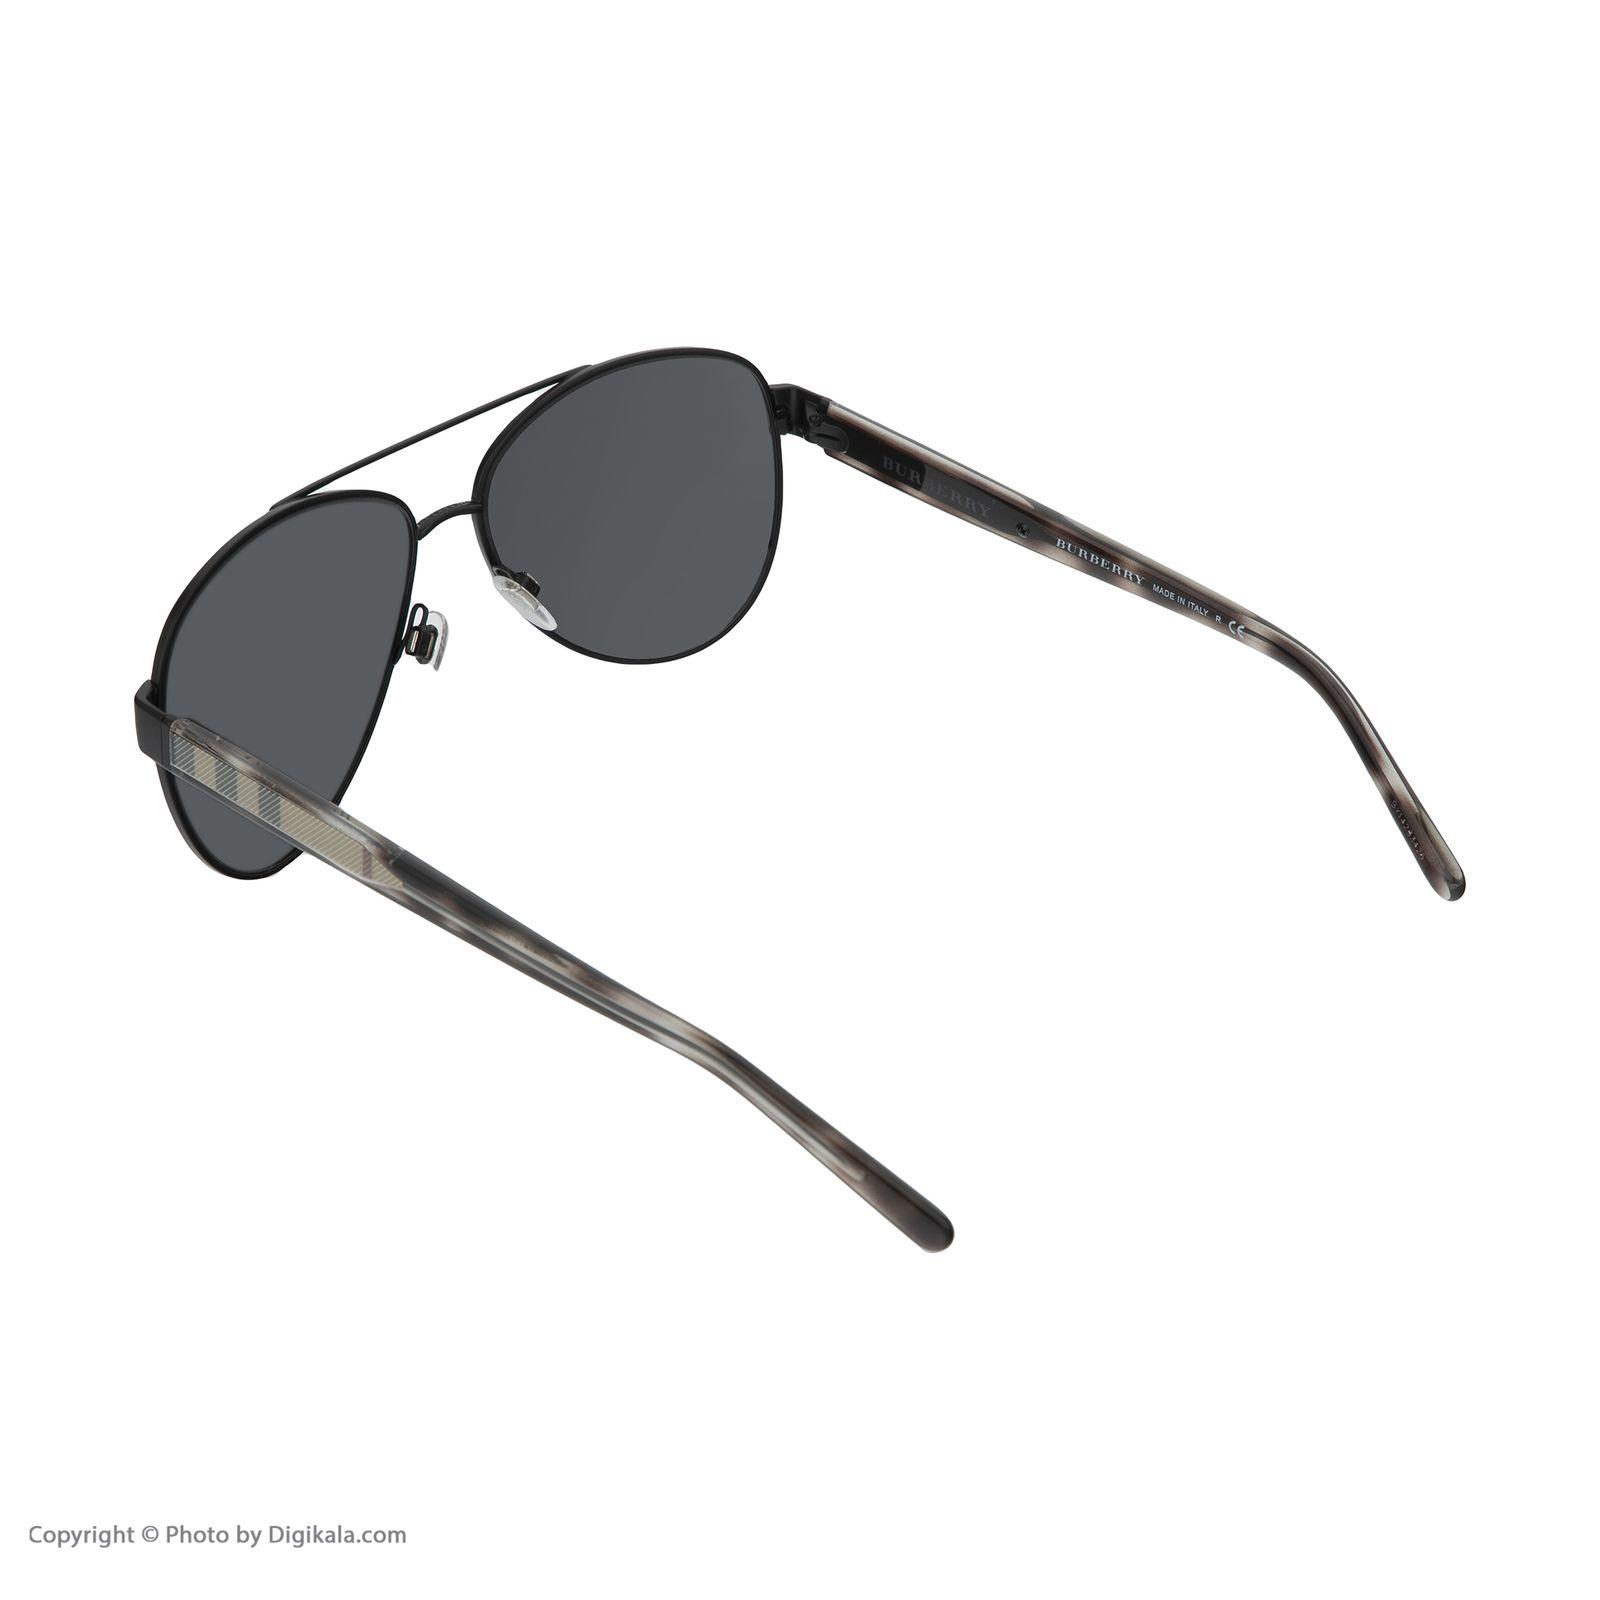 عینک آفتابی زنانه بربری مدل BE 3084S 122887 60 -  - 6